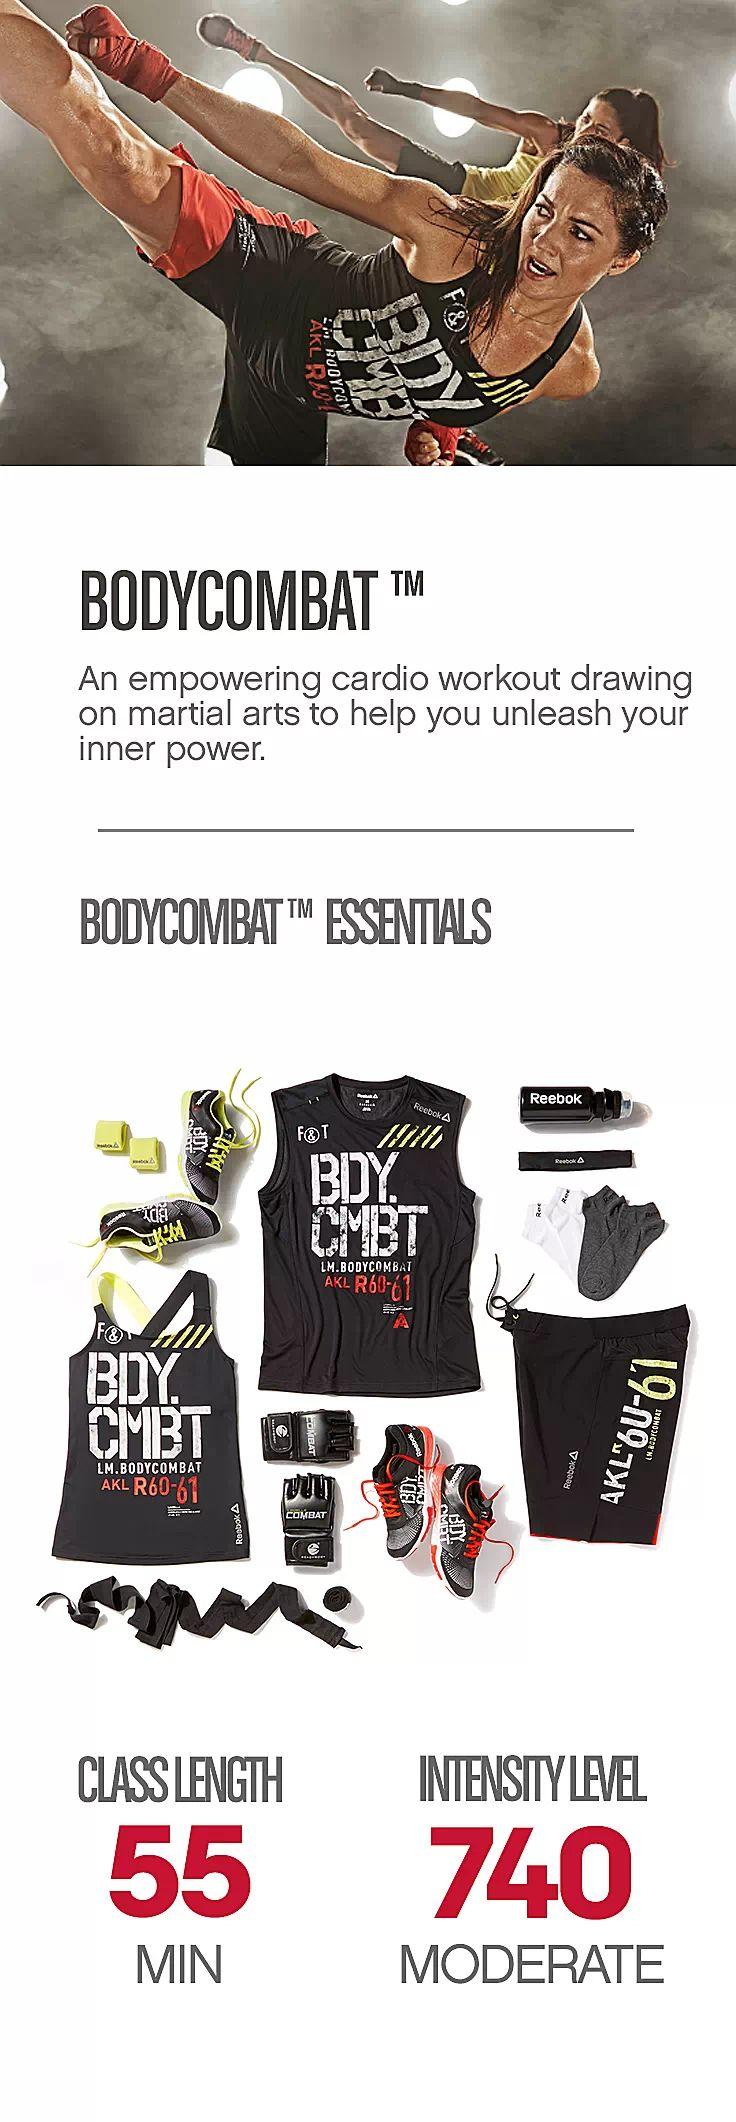 Les Mills BODYCOMBAT Essentials. - Fitness.reebok.com